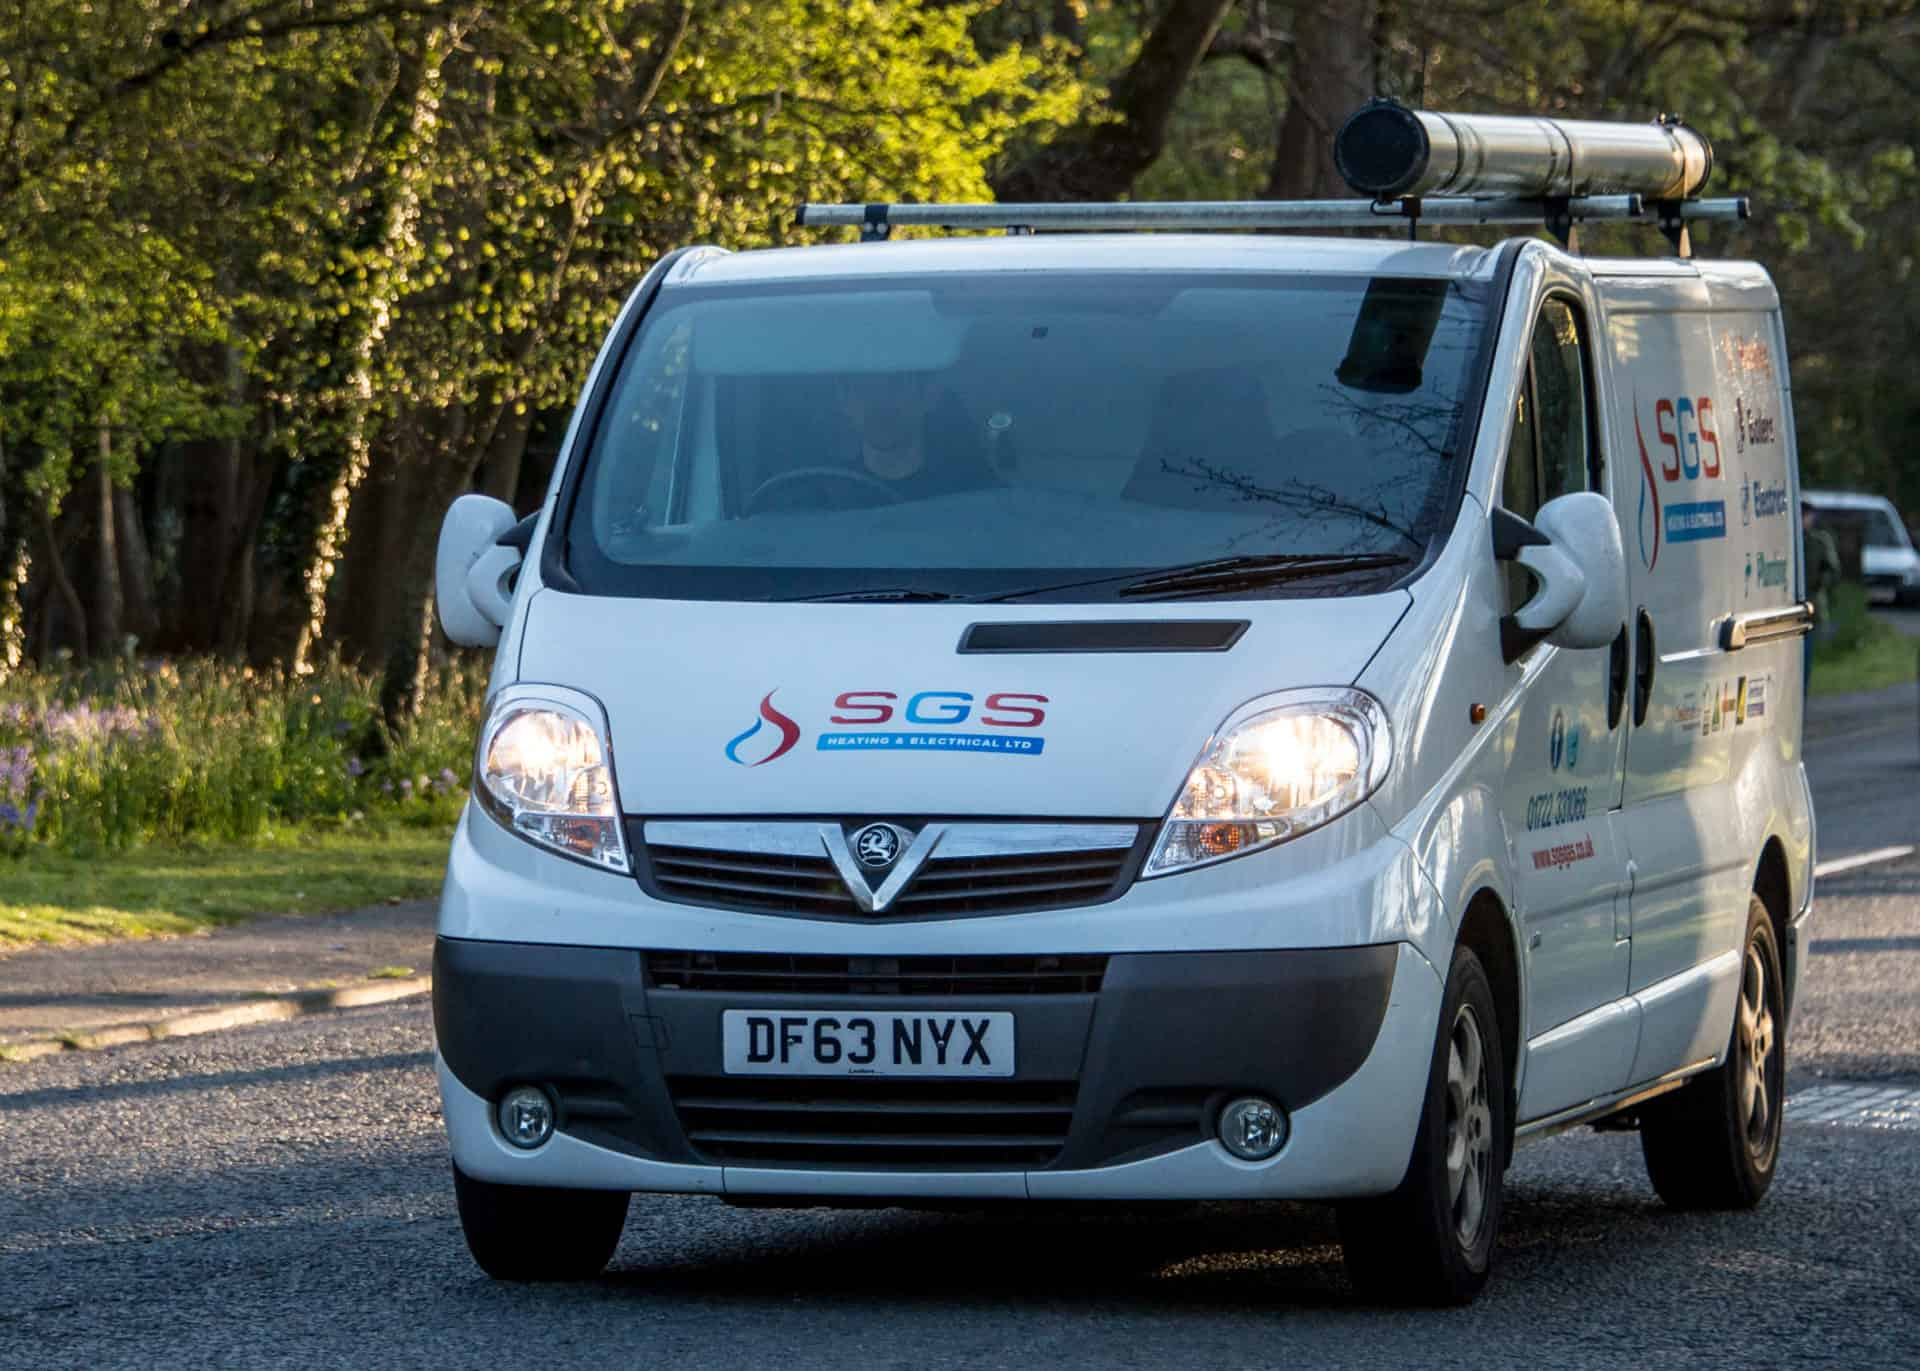 logo branding on van for sgs